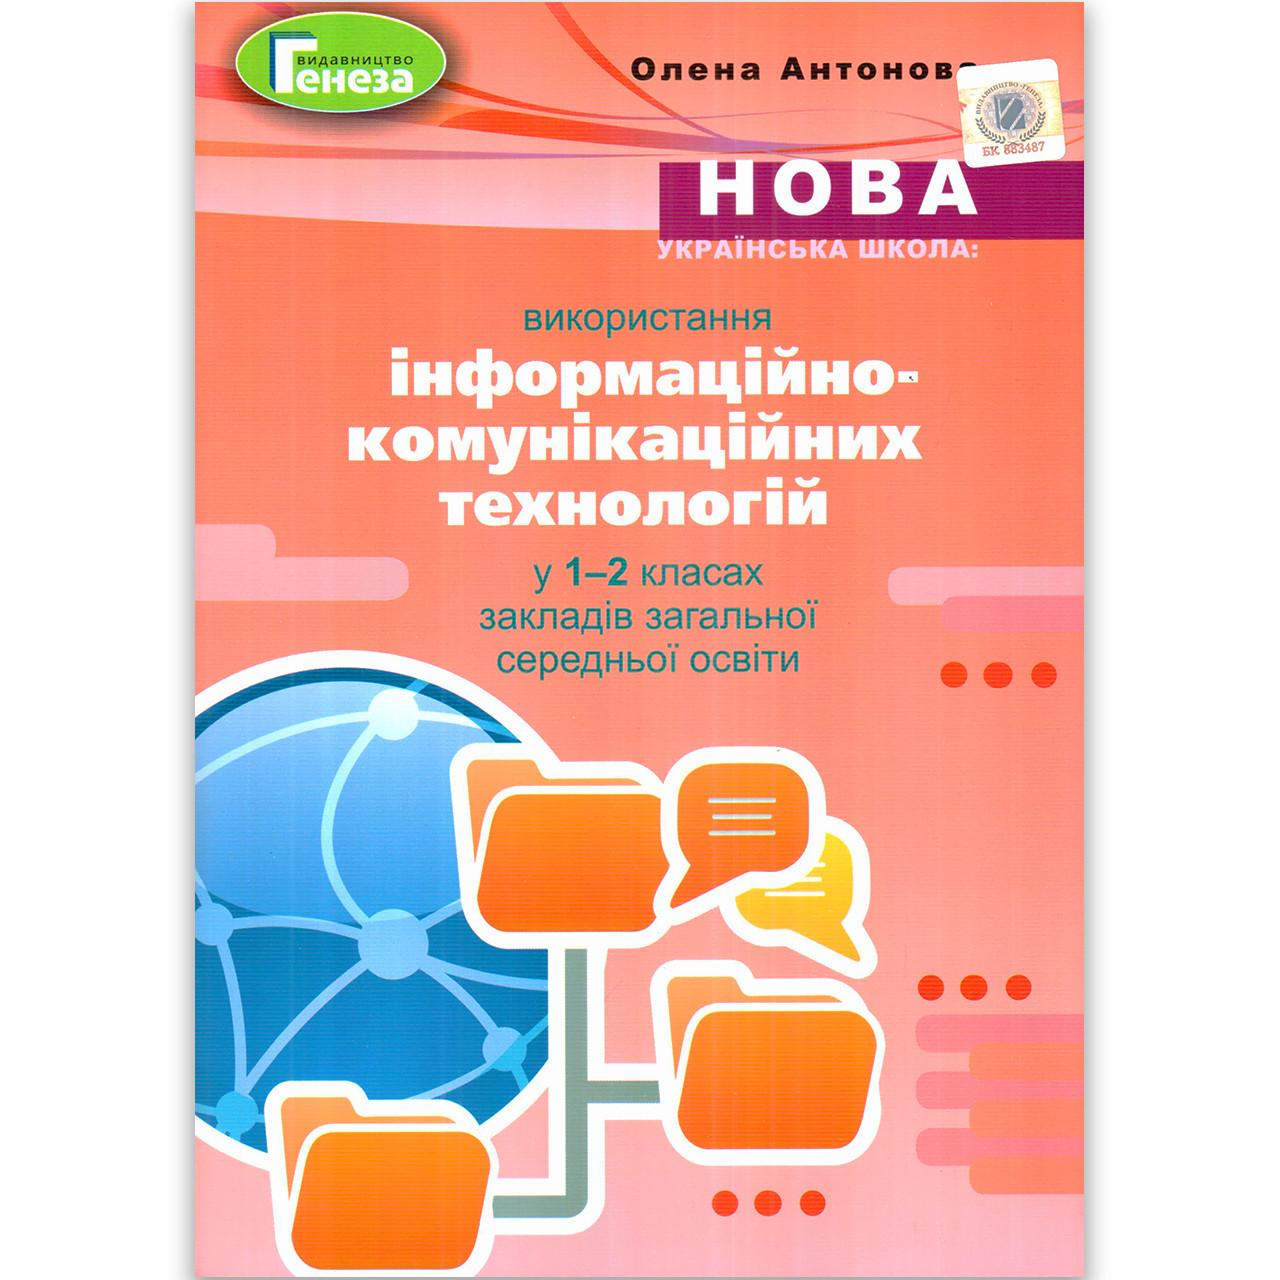 Використання інформаційно-комунікаційних технологій у 1-2 класах НУШ Авт: Антонова О. Вид: Генеза